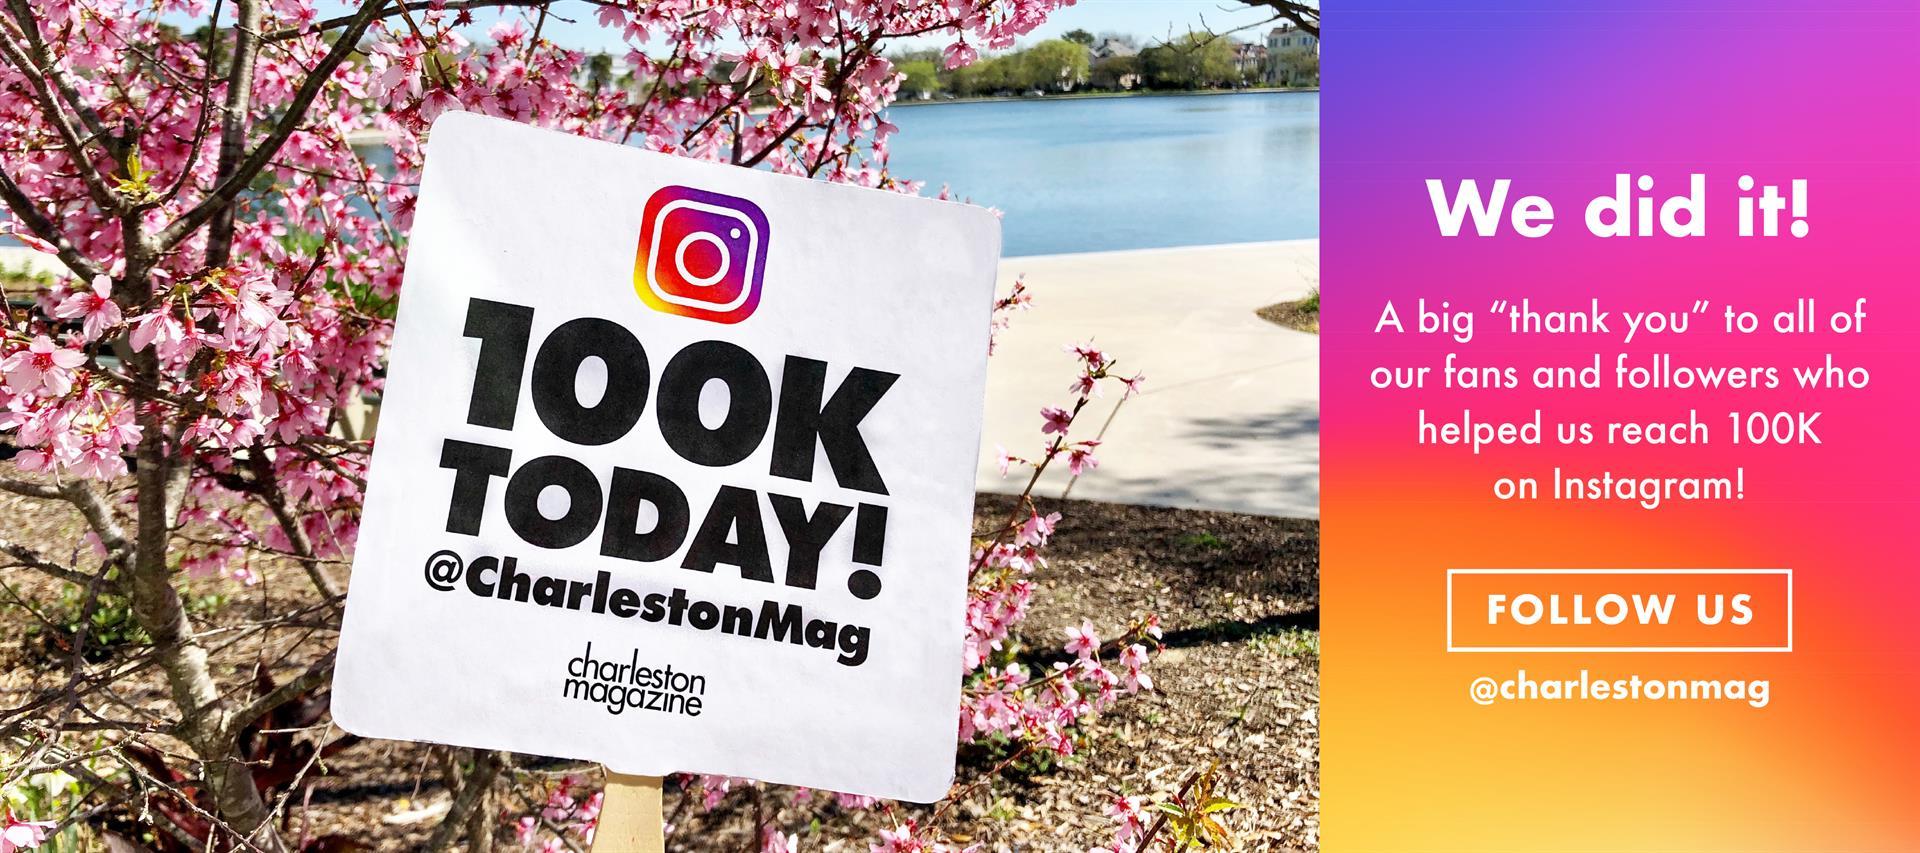 Charleston Magazine on Instagram